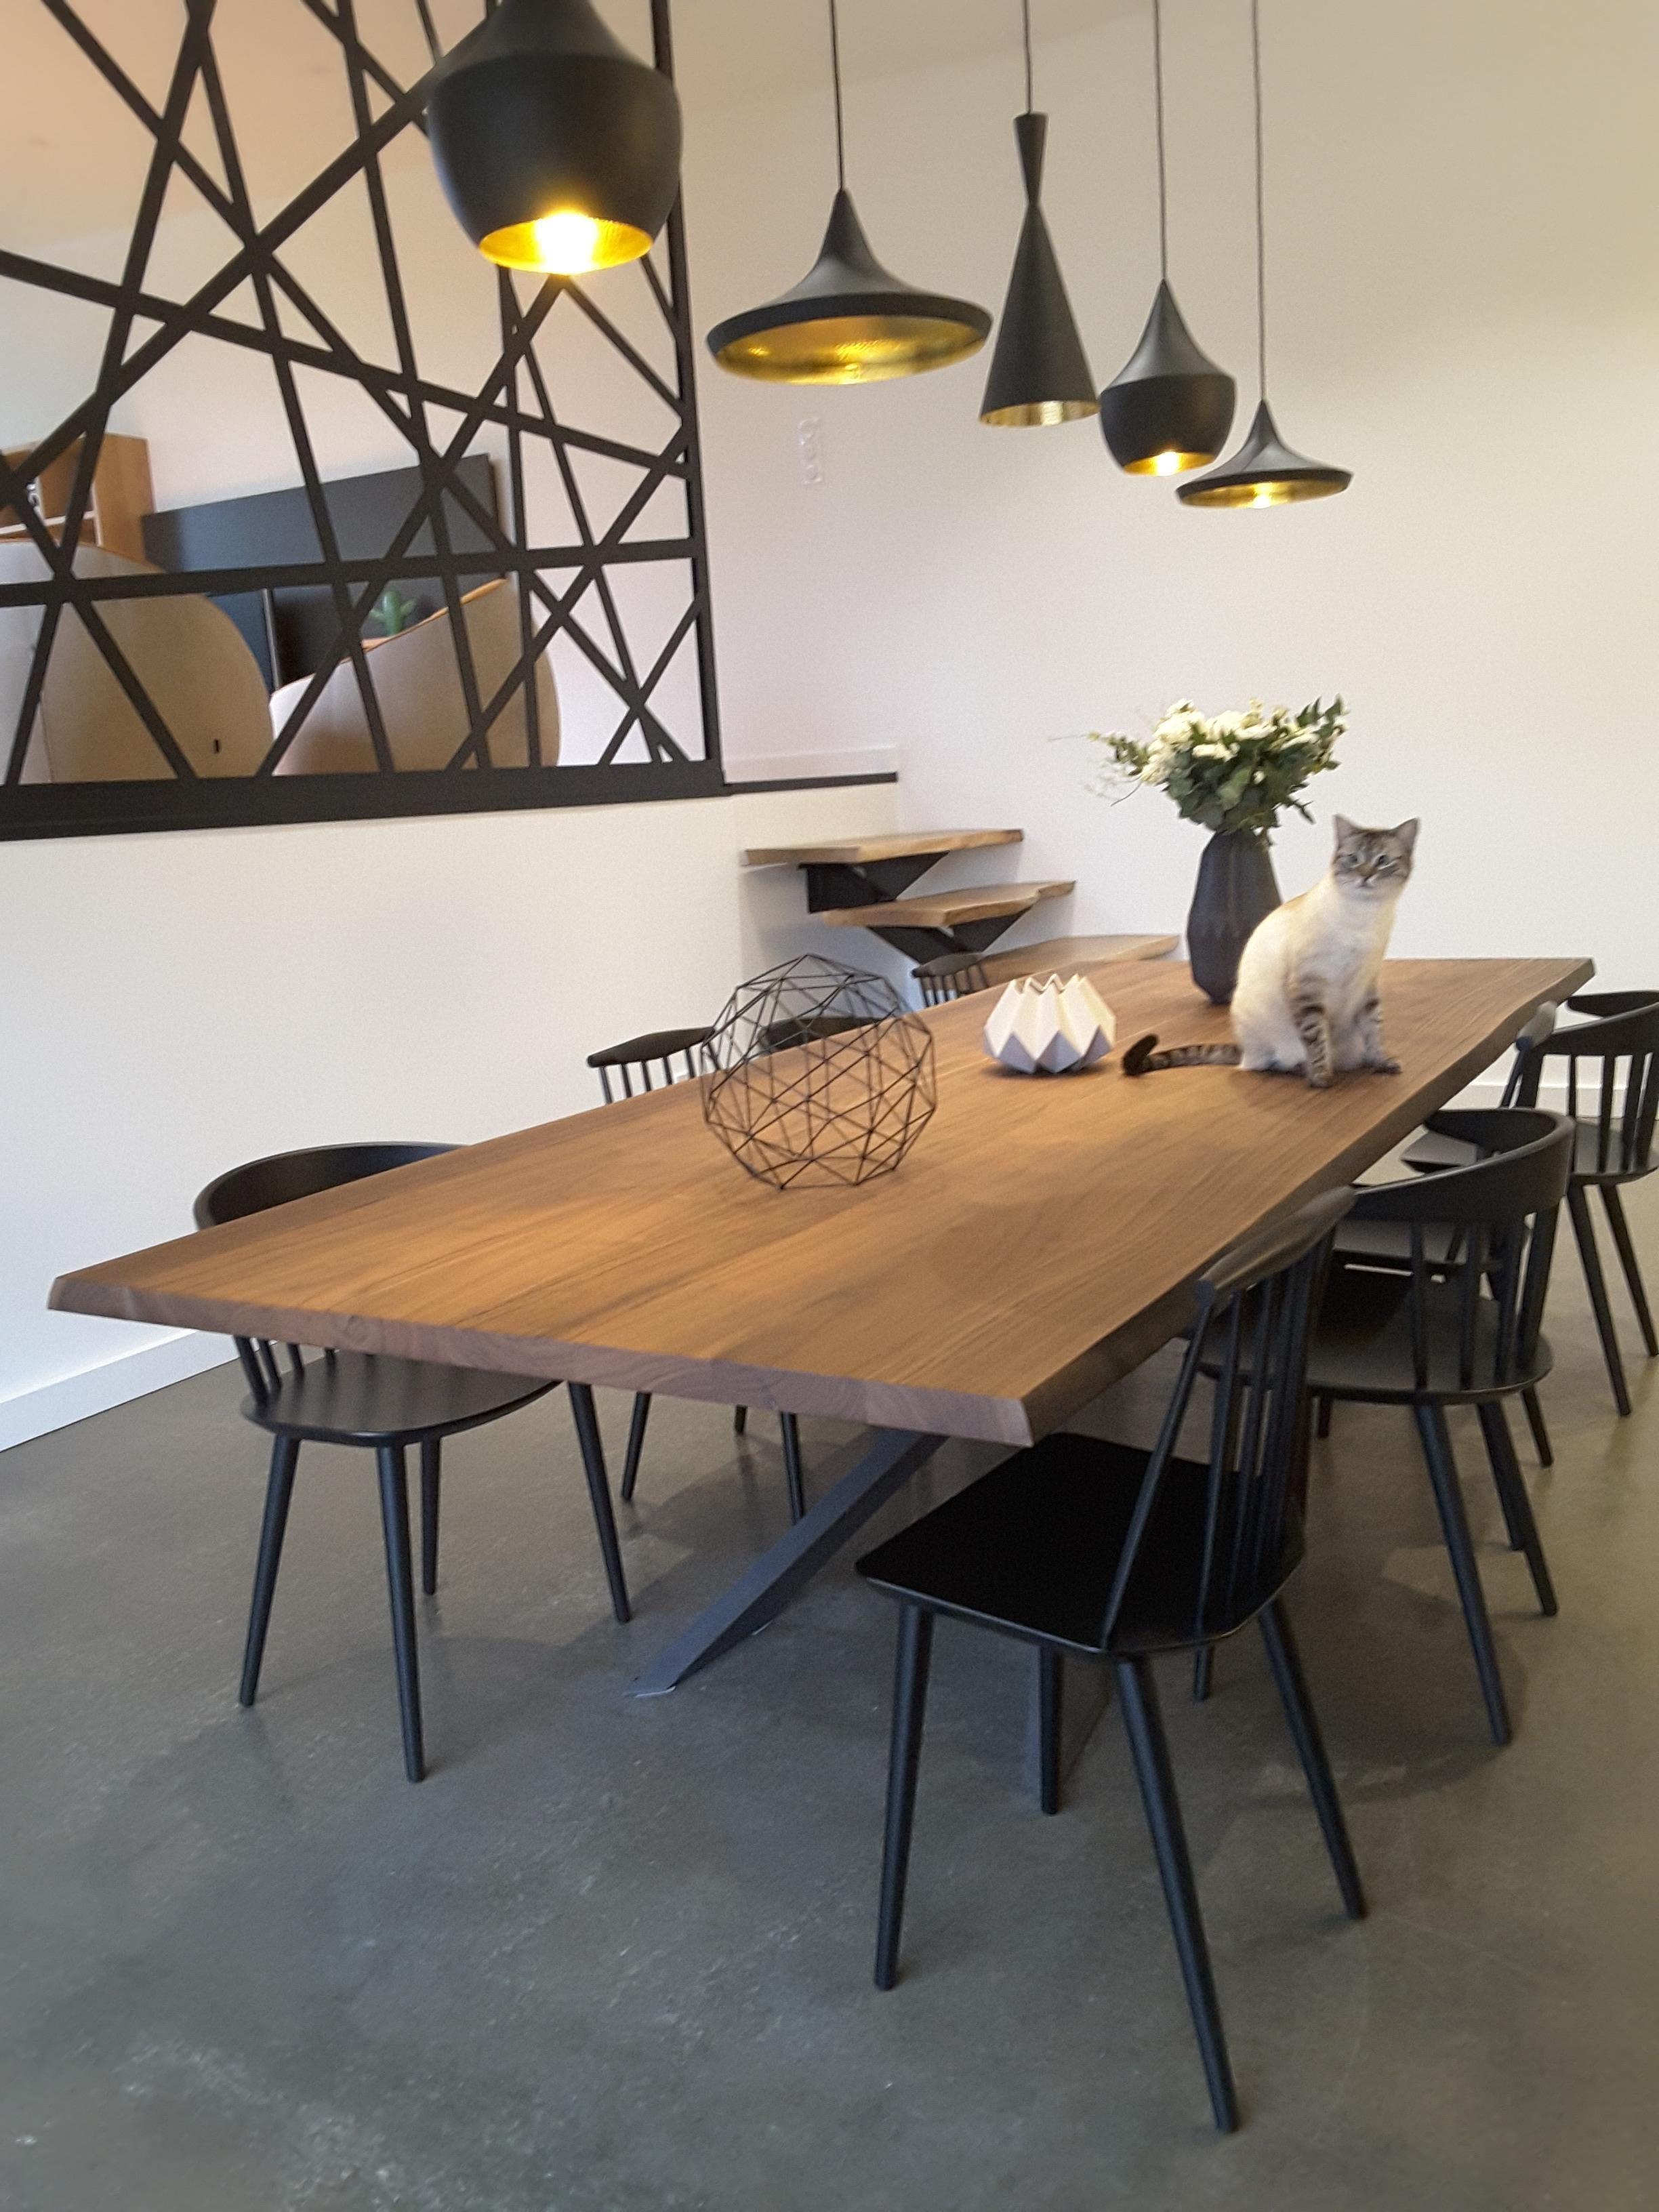 Am nagement d une maison contemporaine photo de mdi - Deco salle a manger contemporaine ...